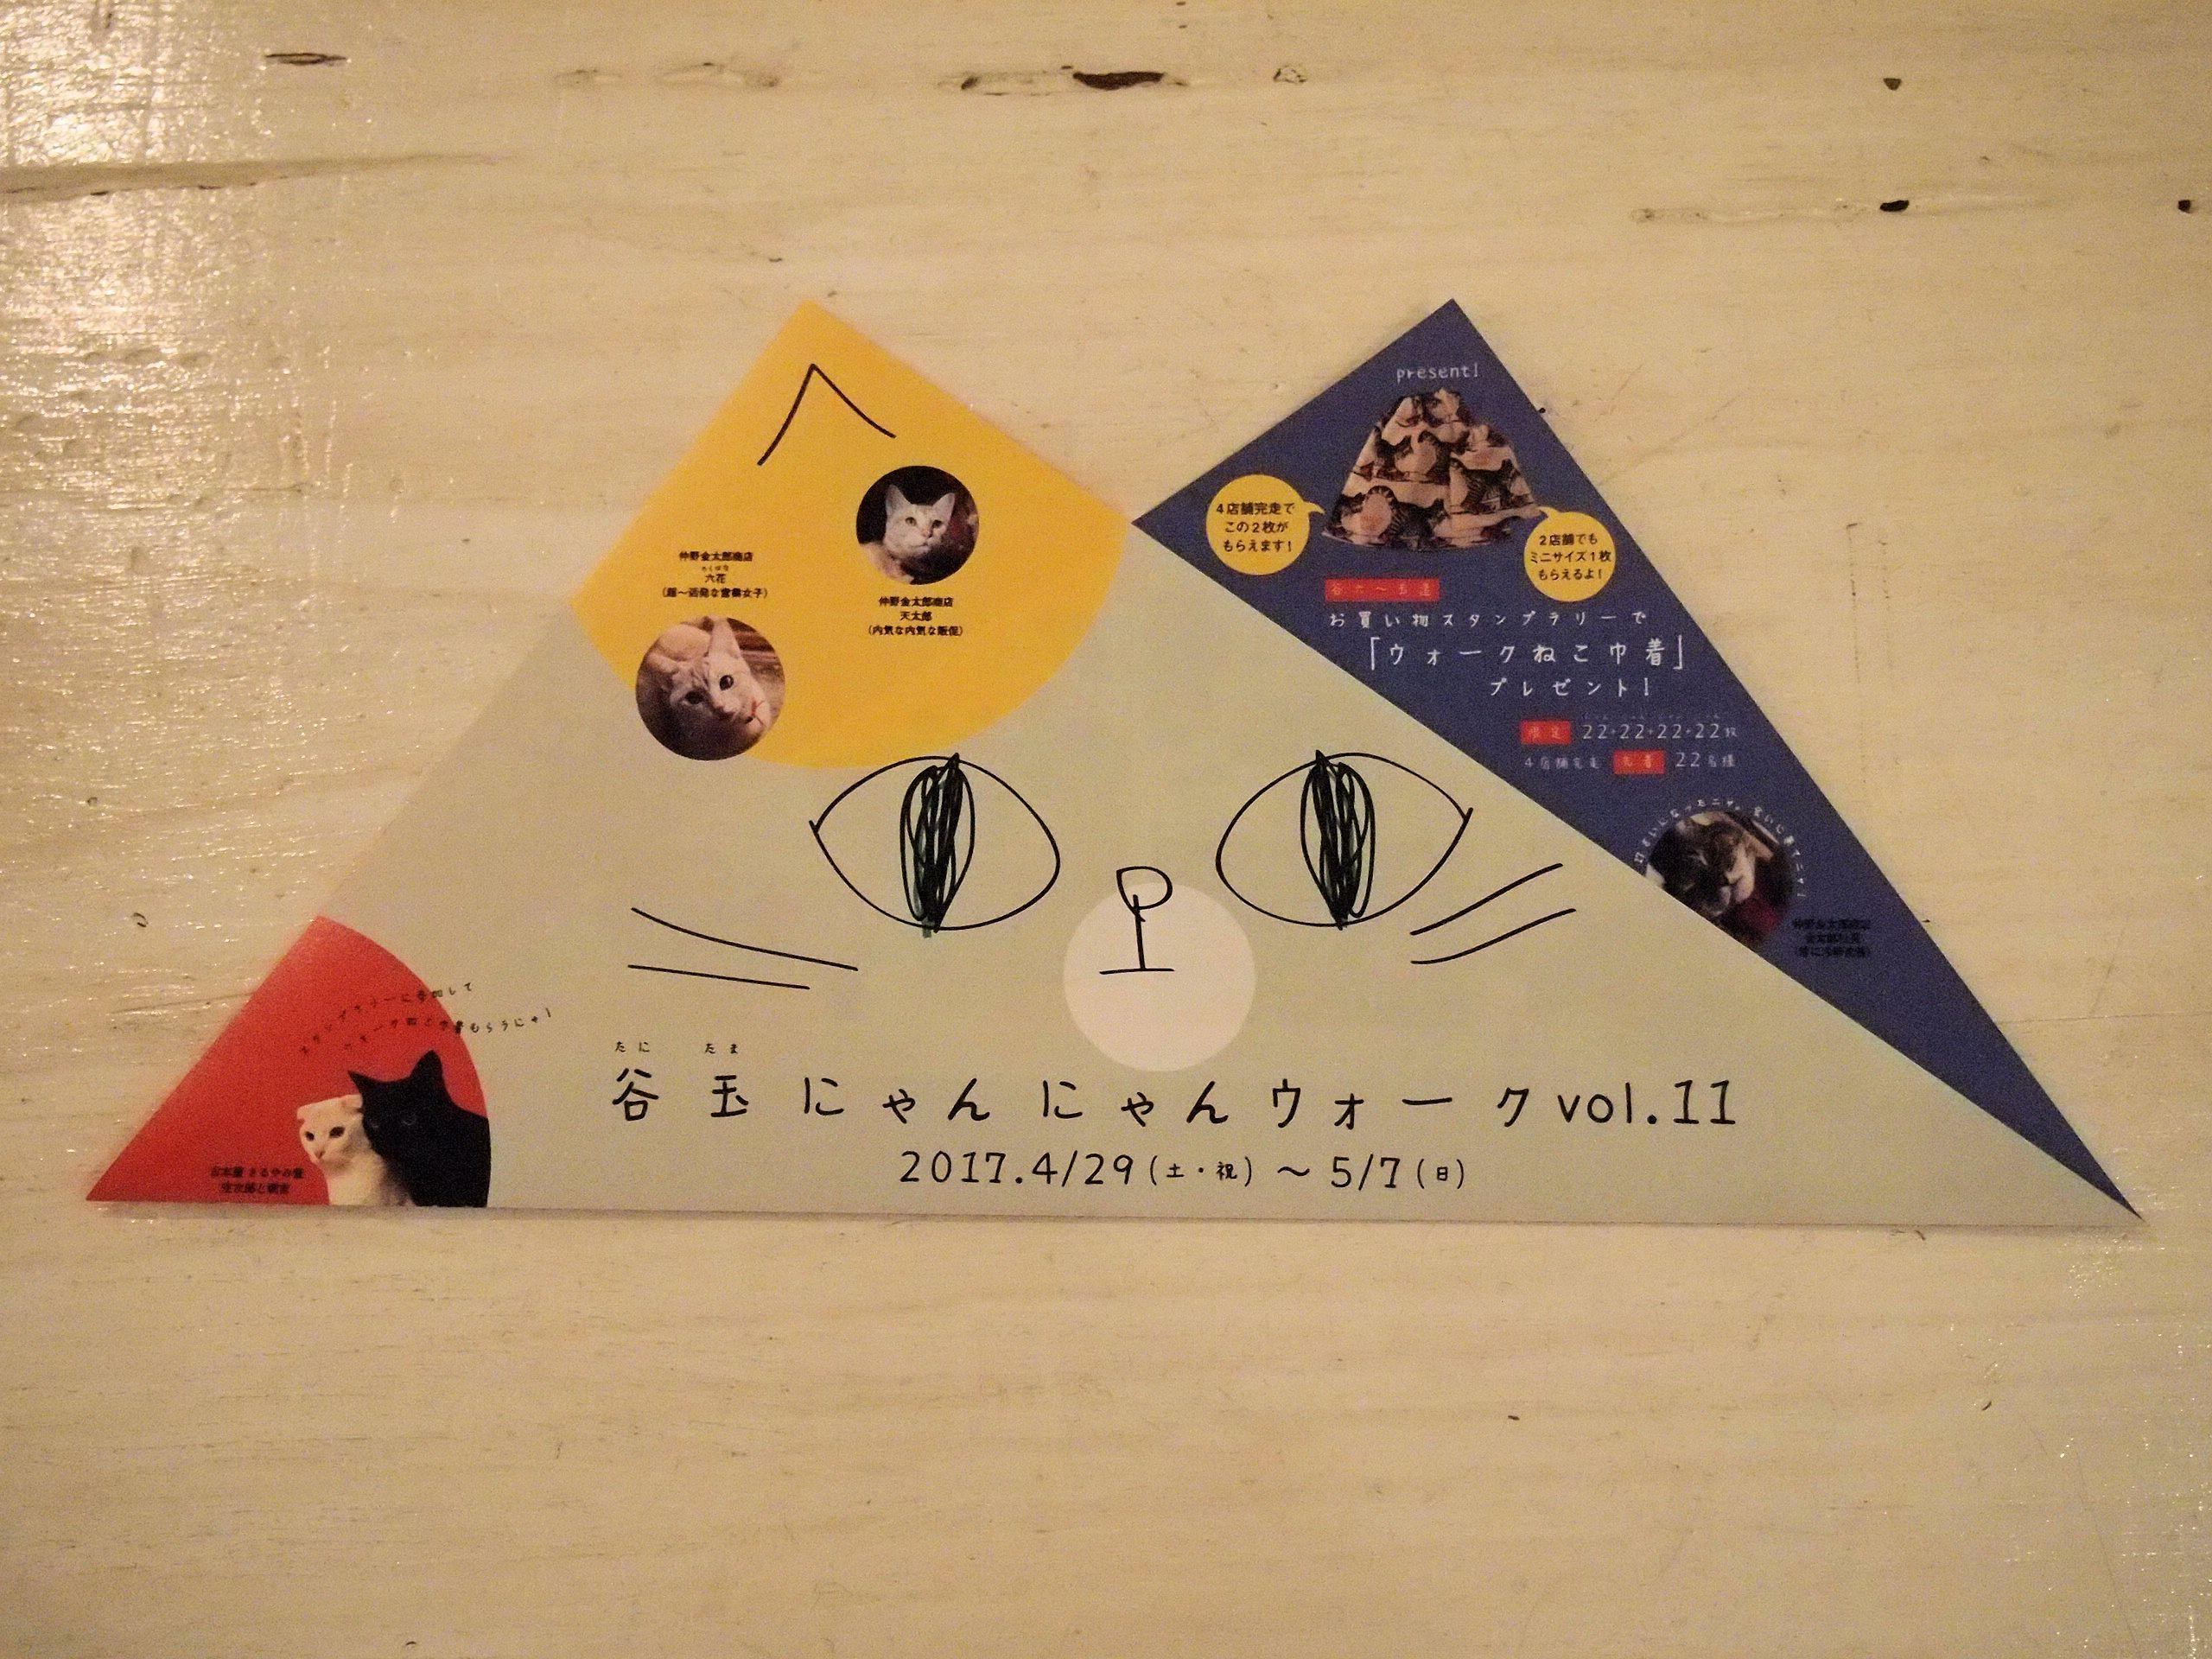 谷玉にゃんにゃんウォーク vol.11